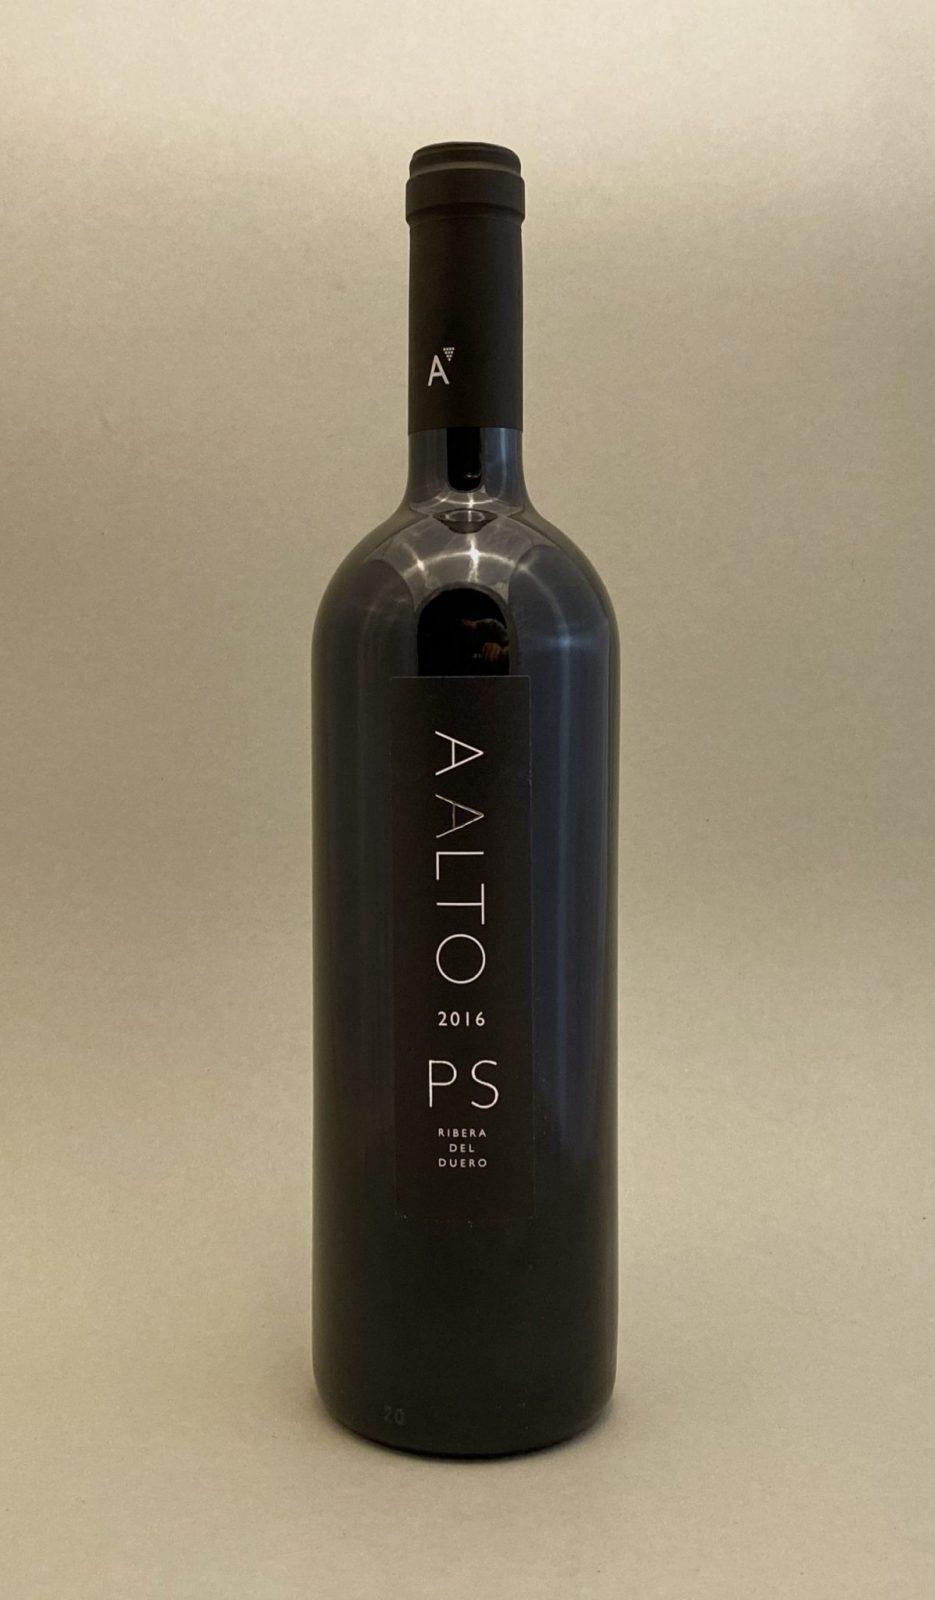 AALTO PS Tempranillo 2016, vinotéka Sunny wines Slnečnice Bratislava Petržalka, rozvoz vín, cervene vino zo Spanielska